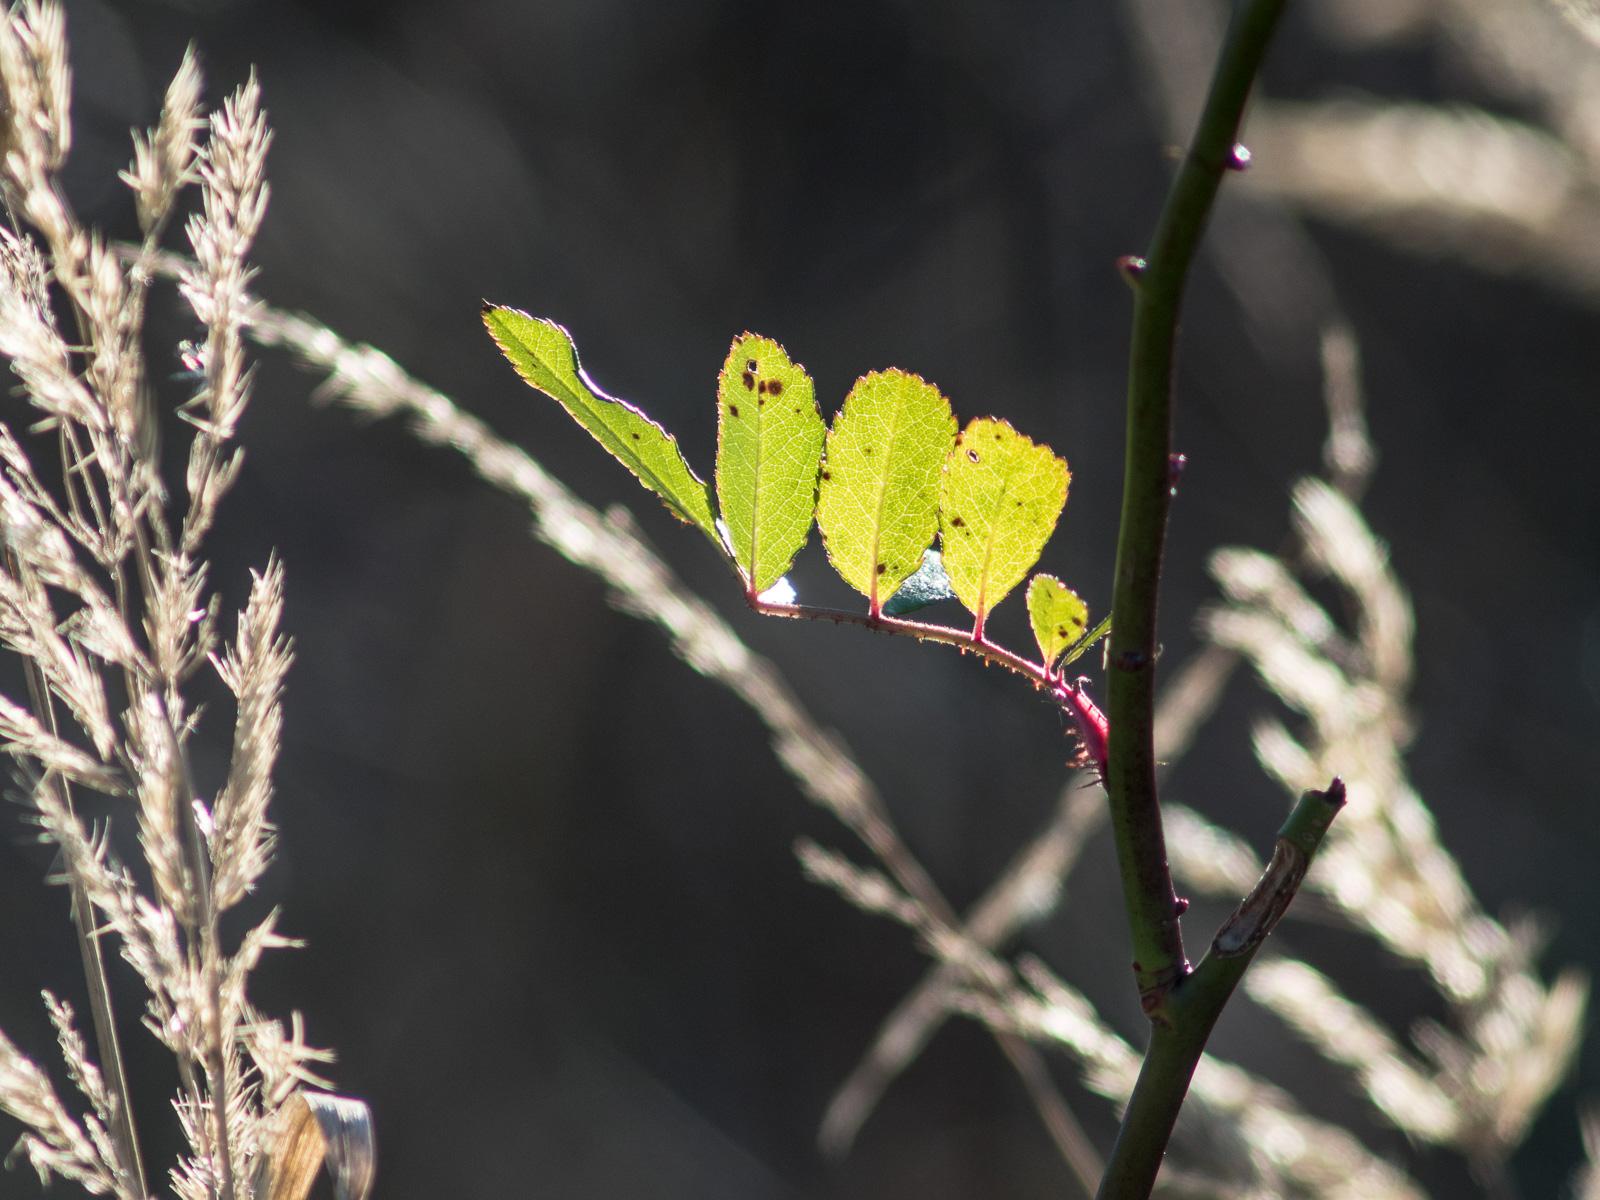 Junge Blätter im Gegenlicht